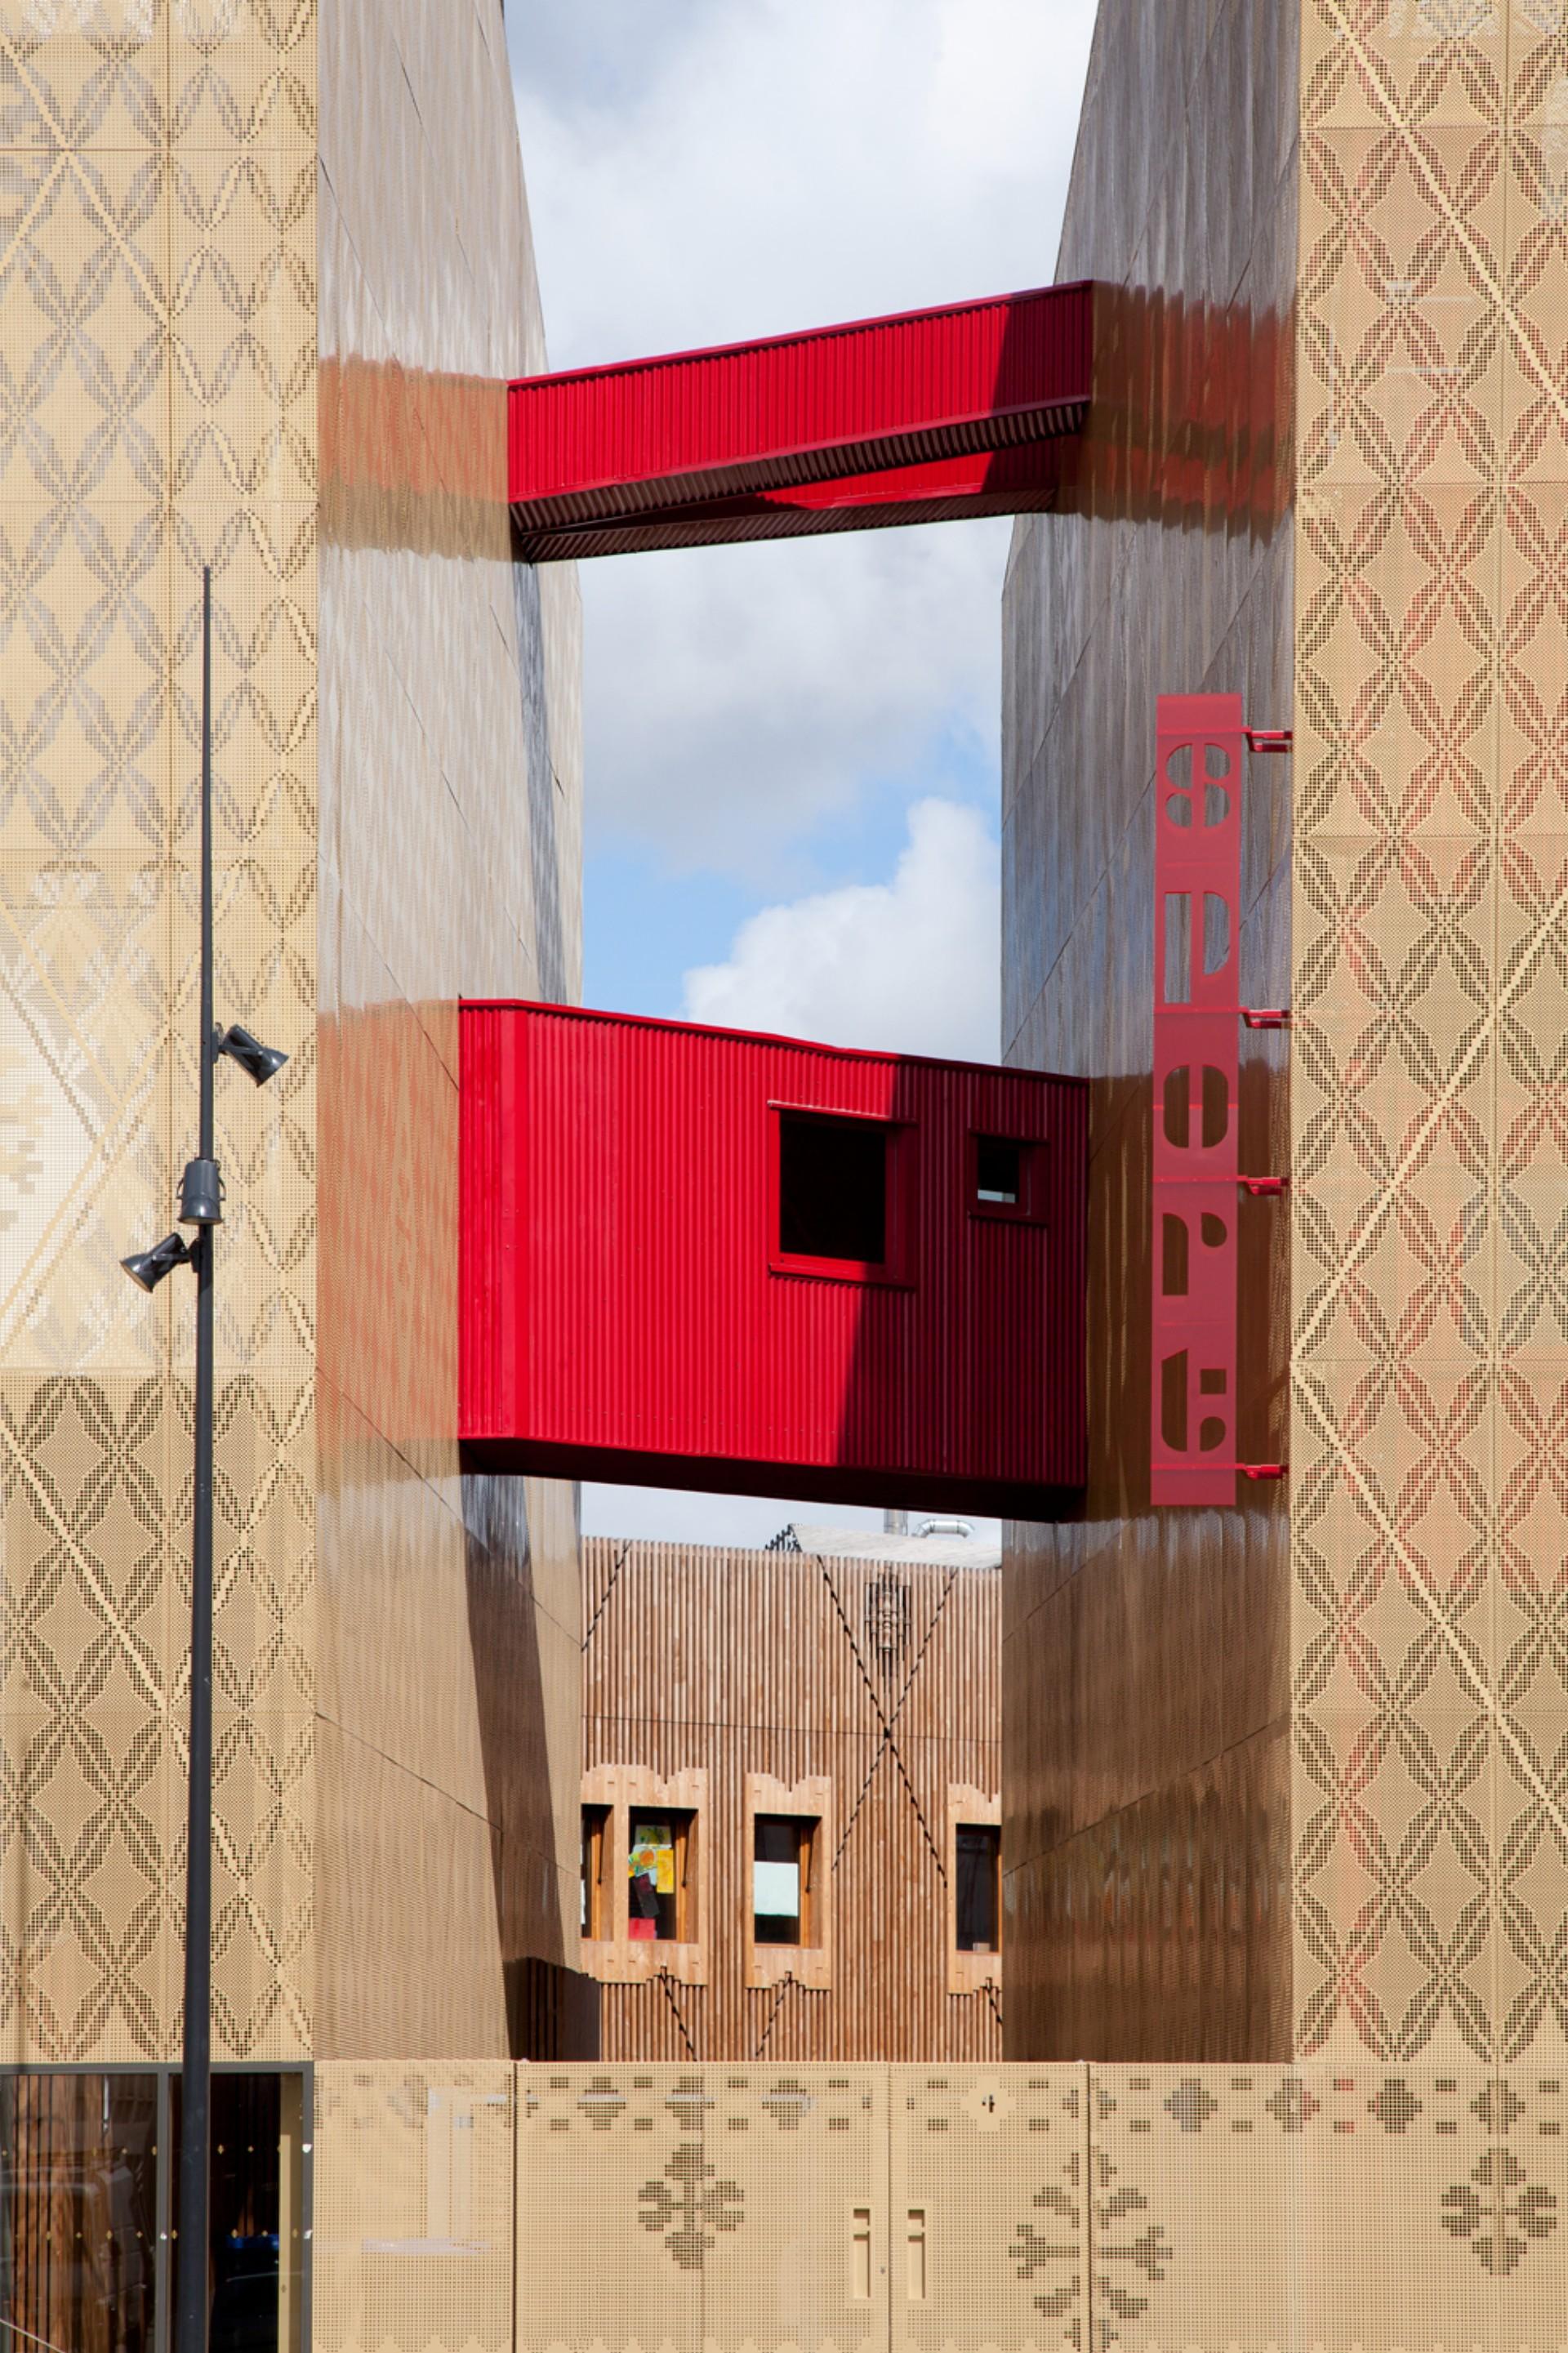 Atelier d'architecture Vincent Parreira übergemeindliches Schulzentrum Casarès-Doisneau in Saint Denis